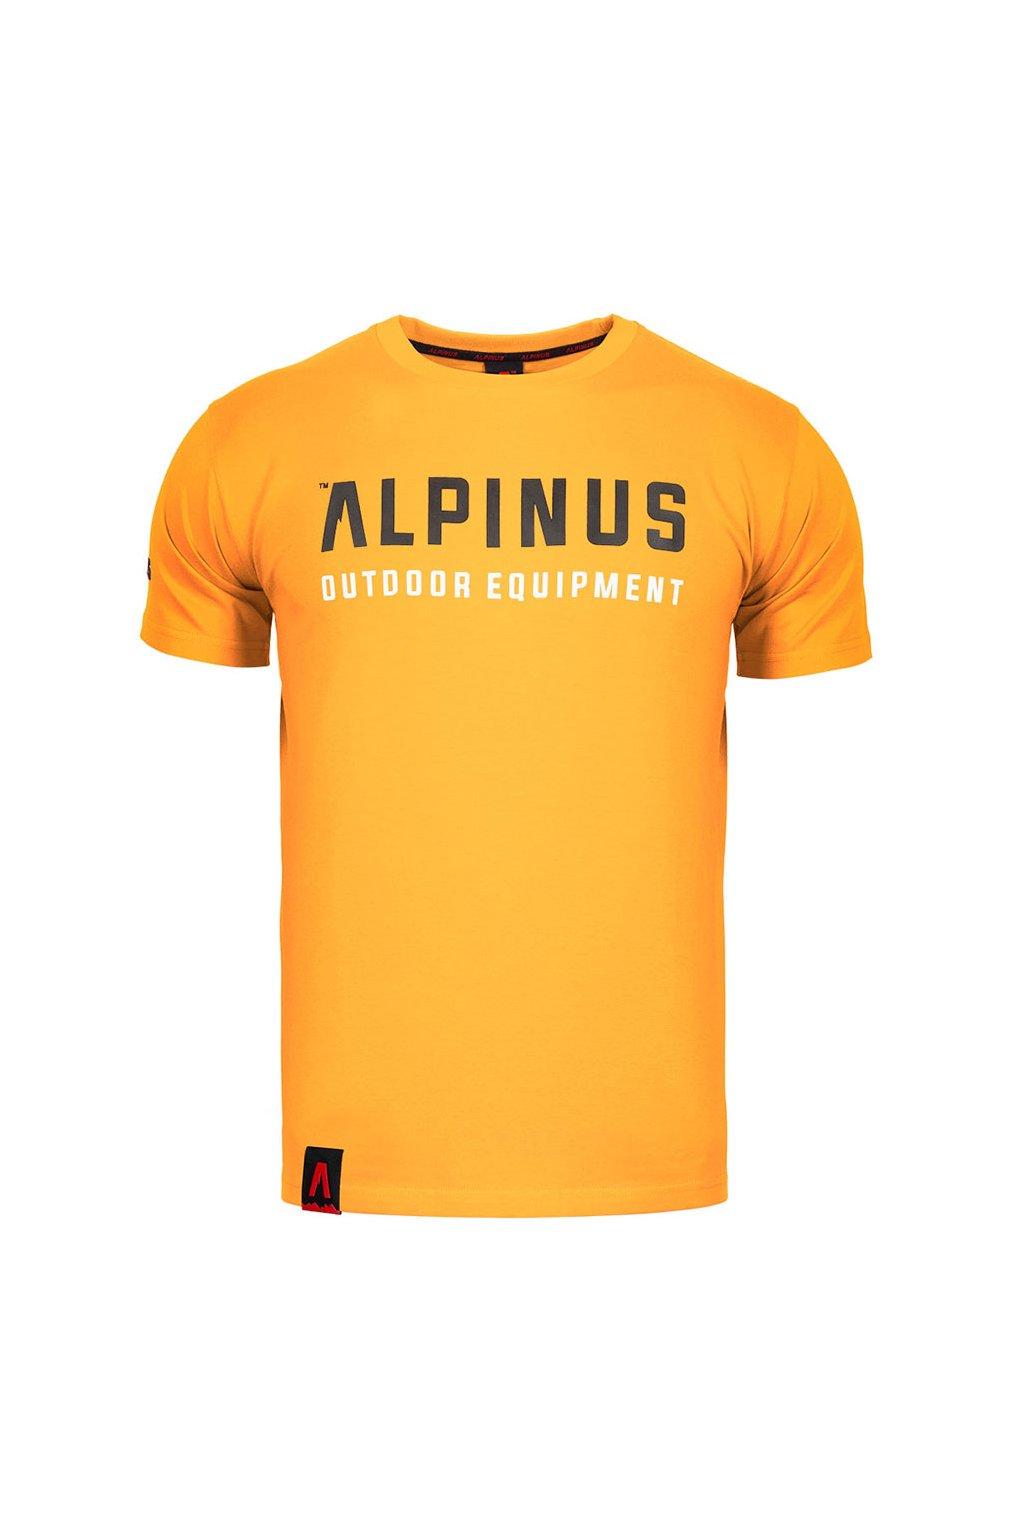 Pánske tričko Alpinus Outdoor Eqpt. oranžové ALP20TC0033